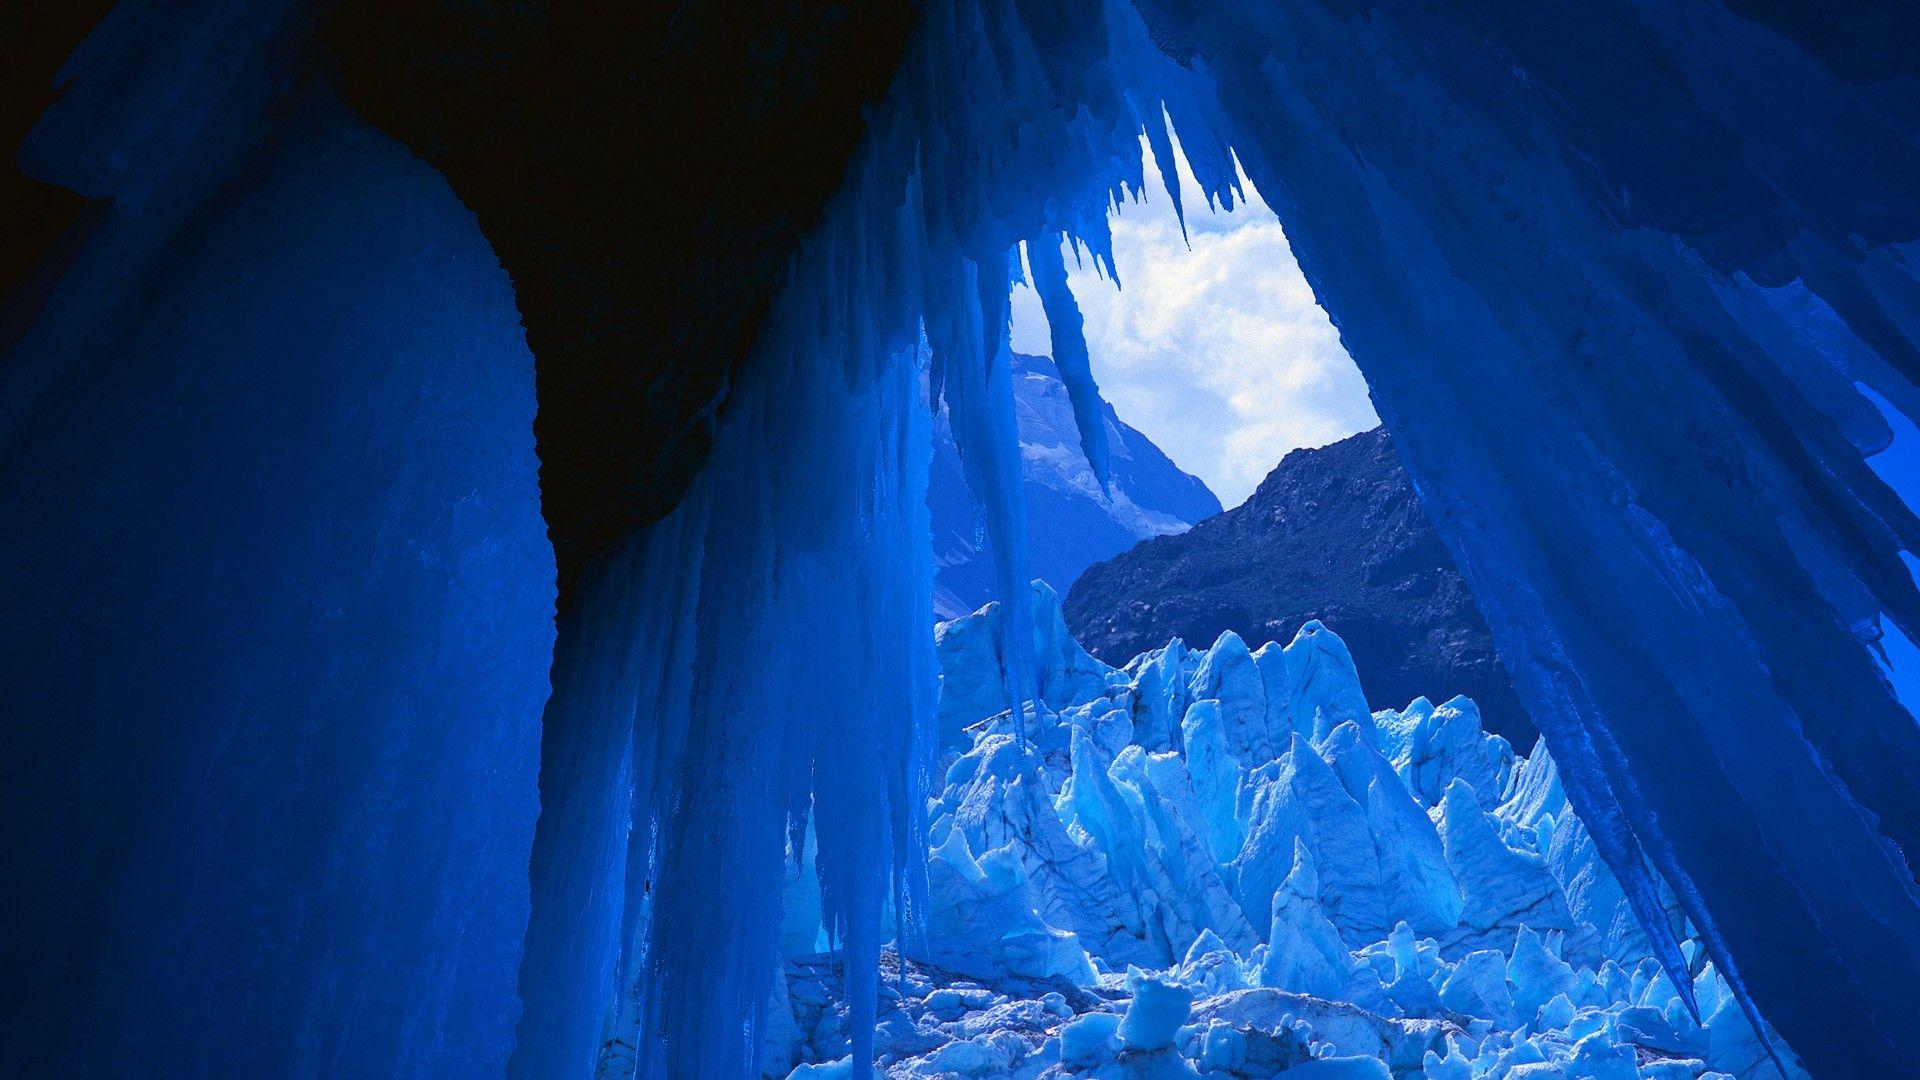 Cave wallpaper 1080p